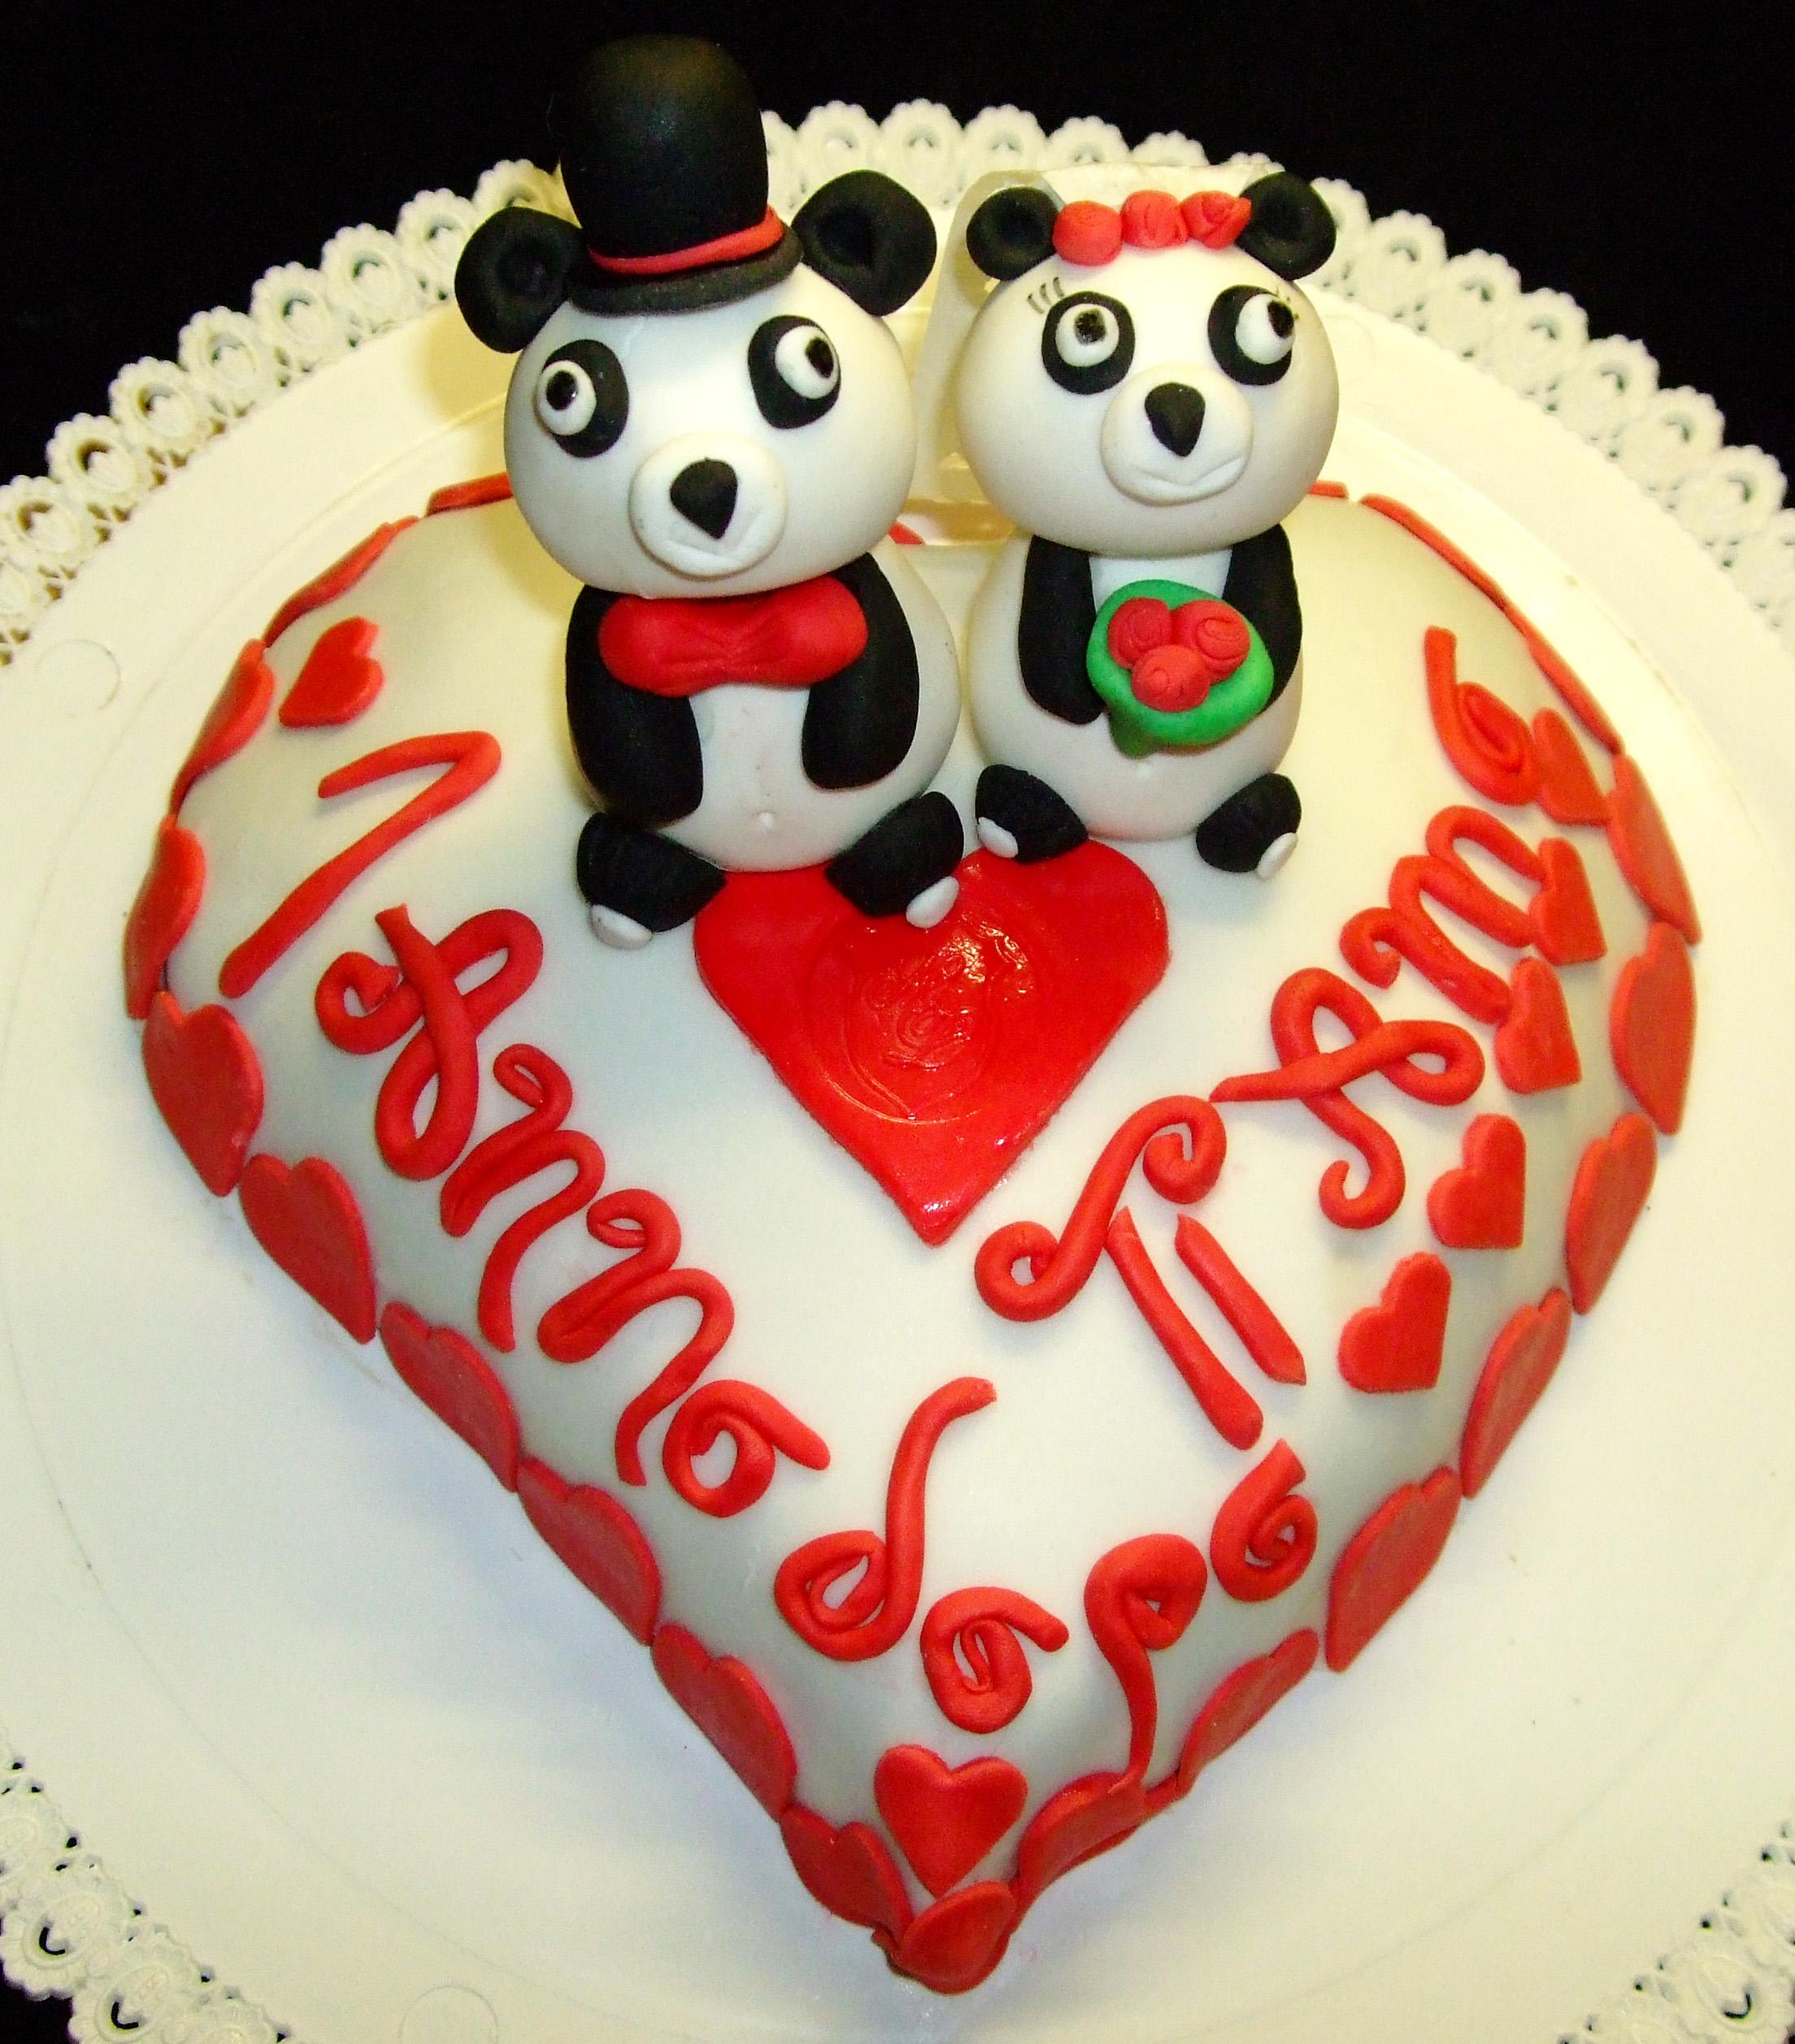 Torta Per Anniversario Di Matrimonio Giallo Zafferano.Torta Panda Sposi Decorata In Pasta Di Zucchero